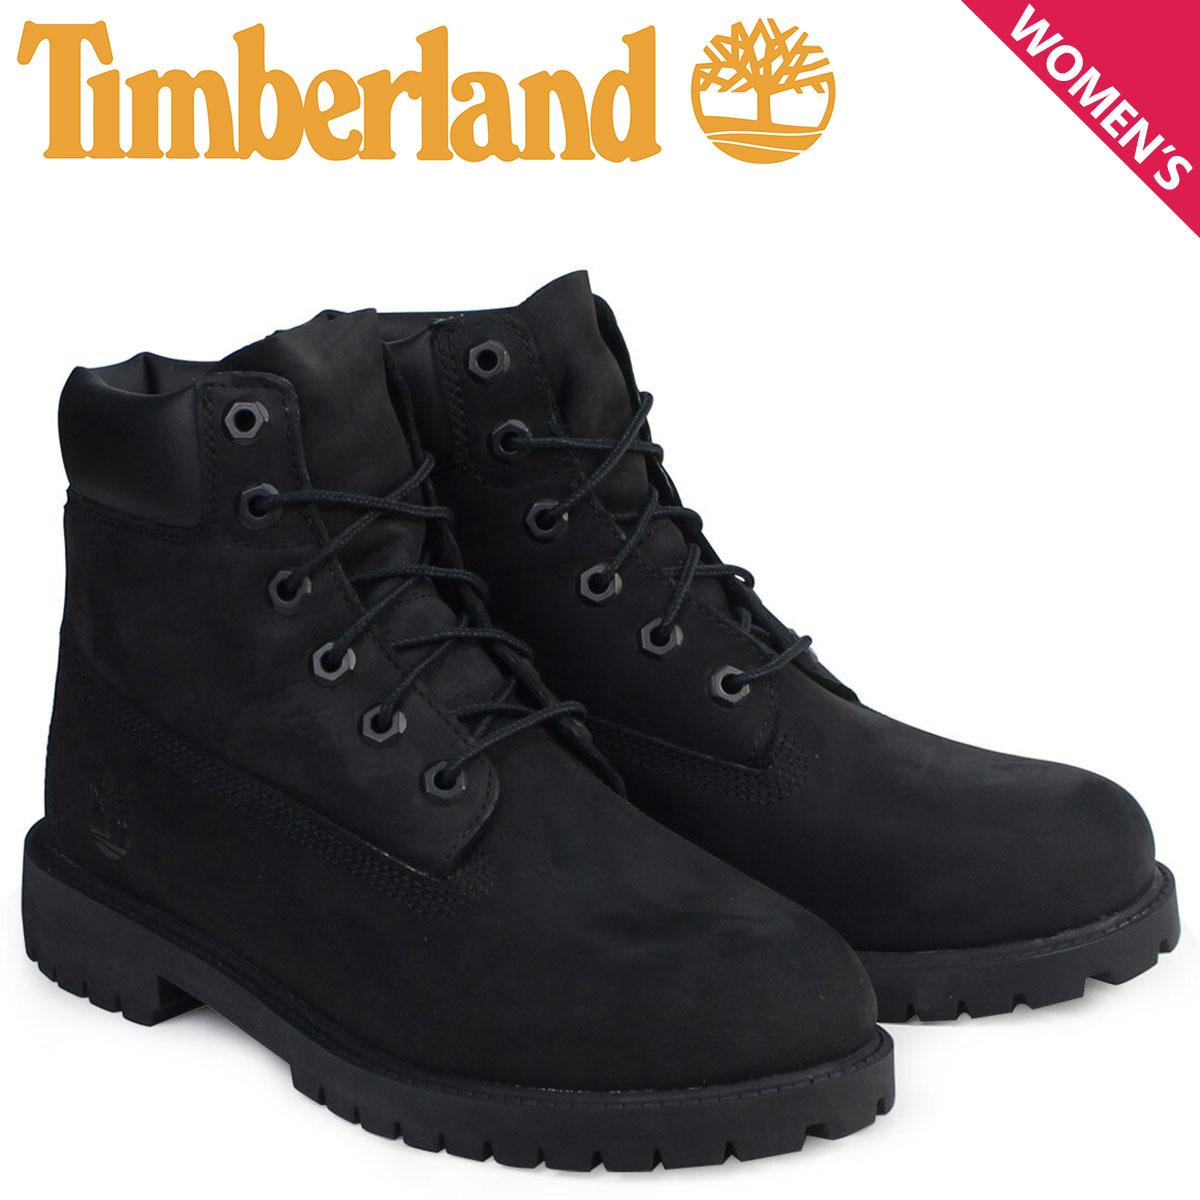 Timberland レディース ブーツ 6インチ ティンバーランド 6INCH WATERPROOF BOOTS プレミアム ウォータープルーフ 12907 ブラック 黒